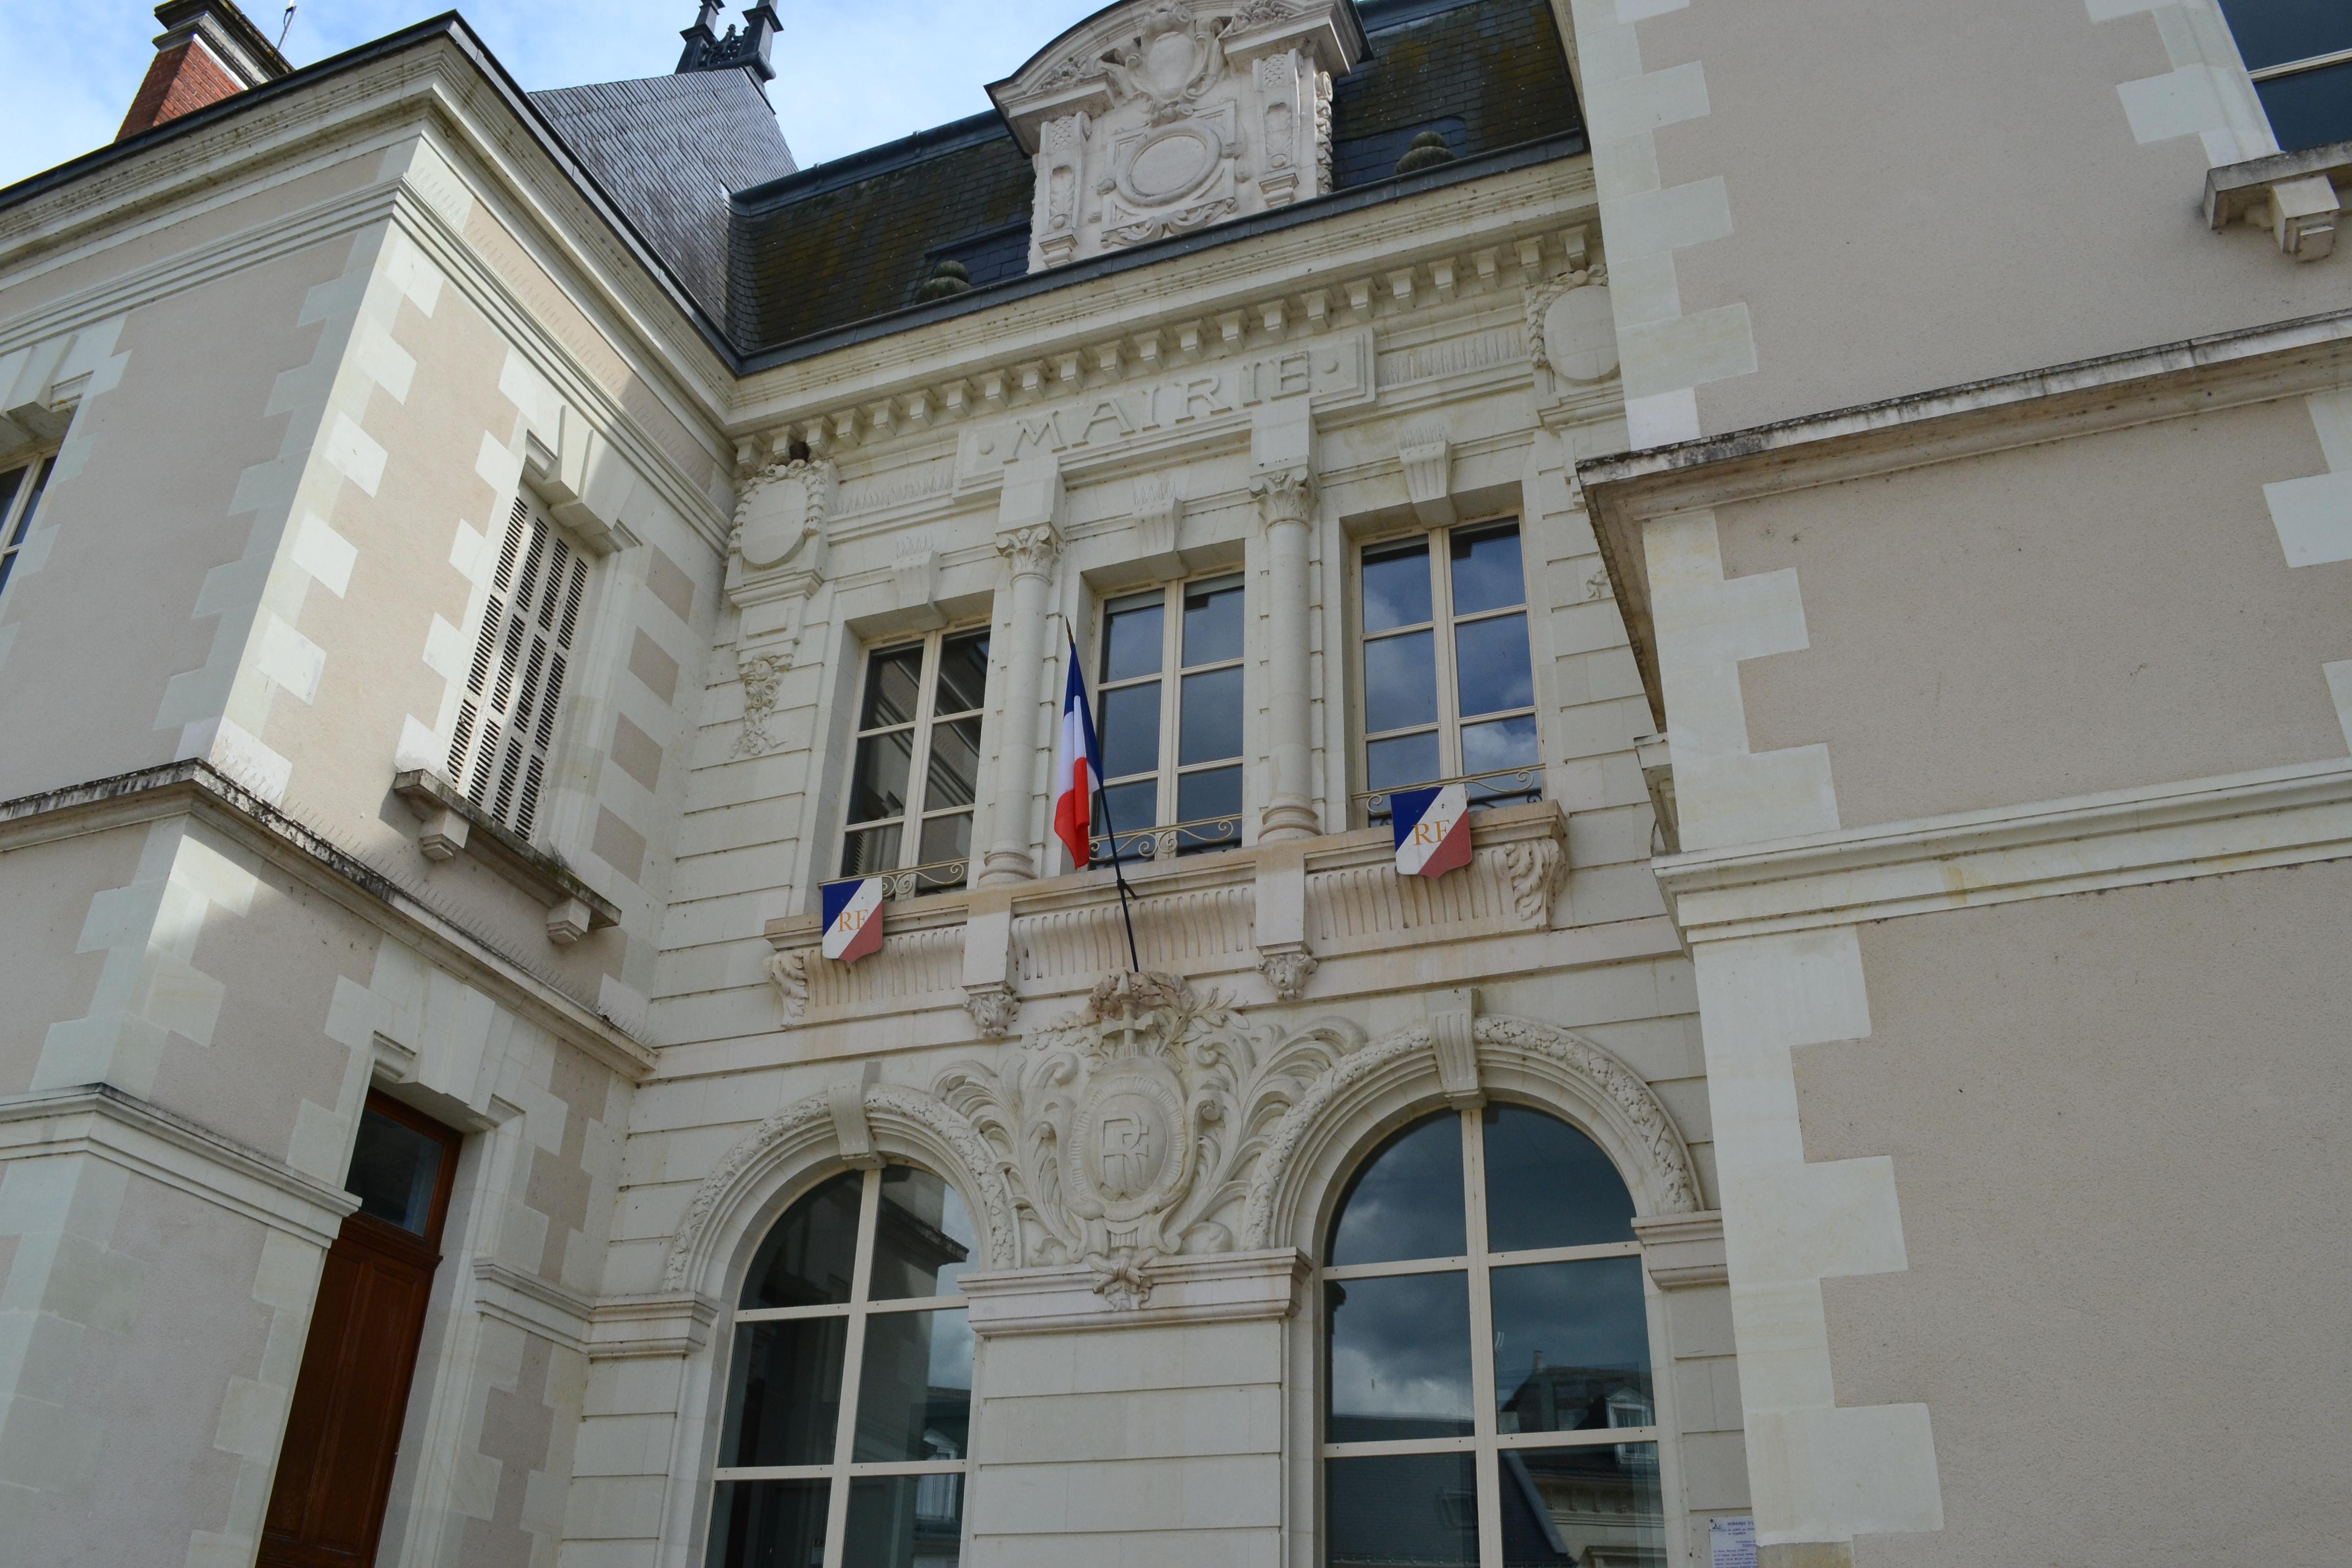 Mairie de Savonnière - Commune de Savonnières